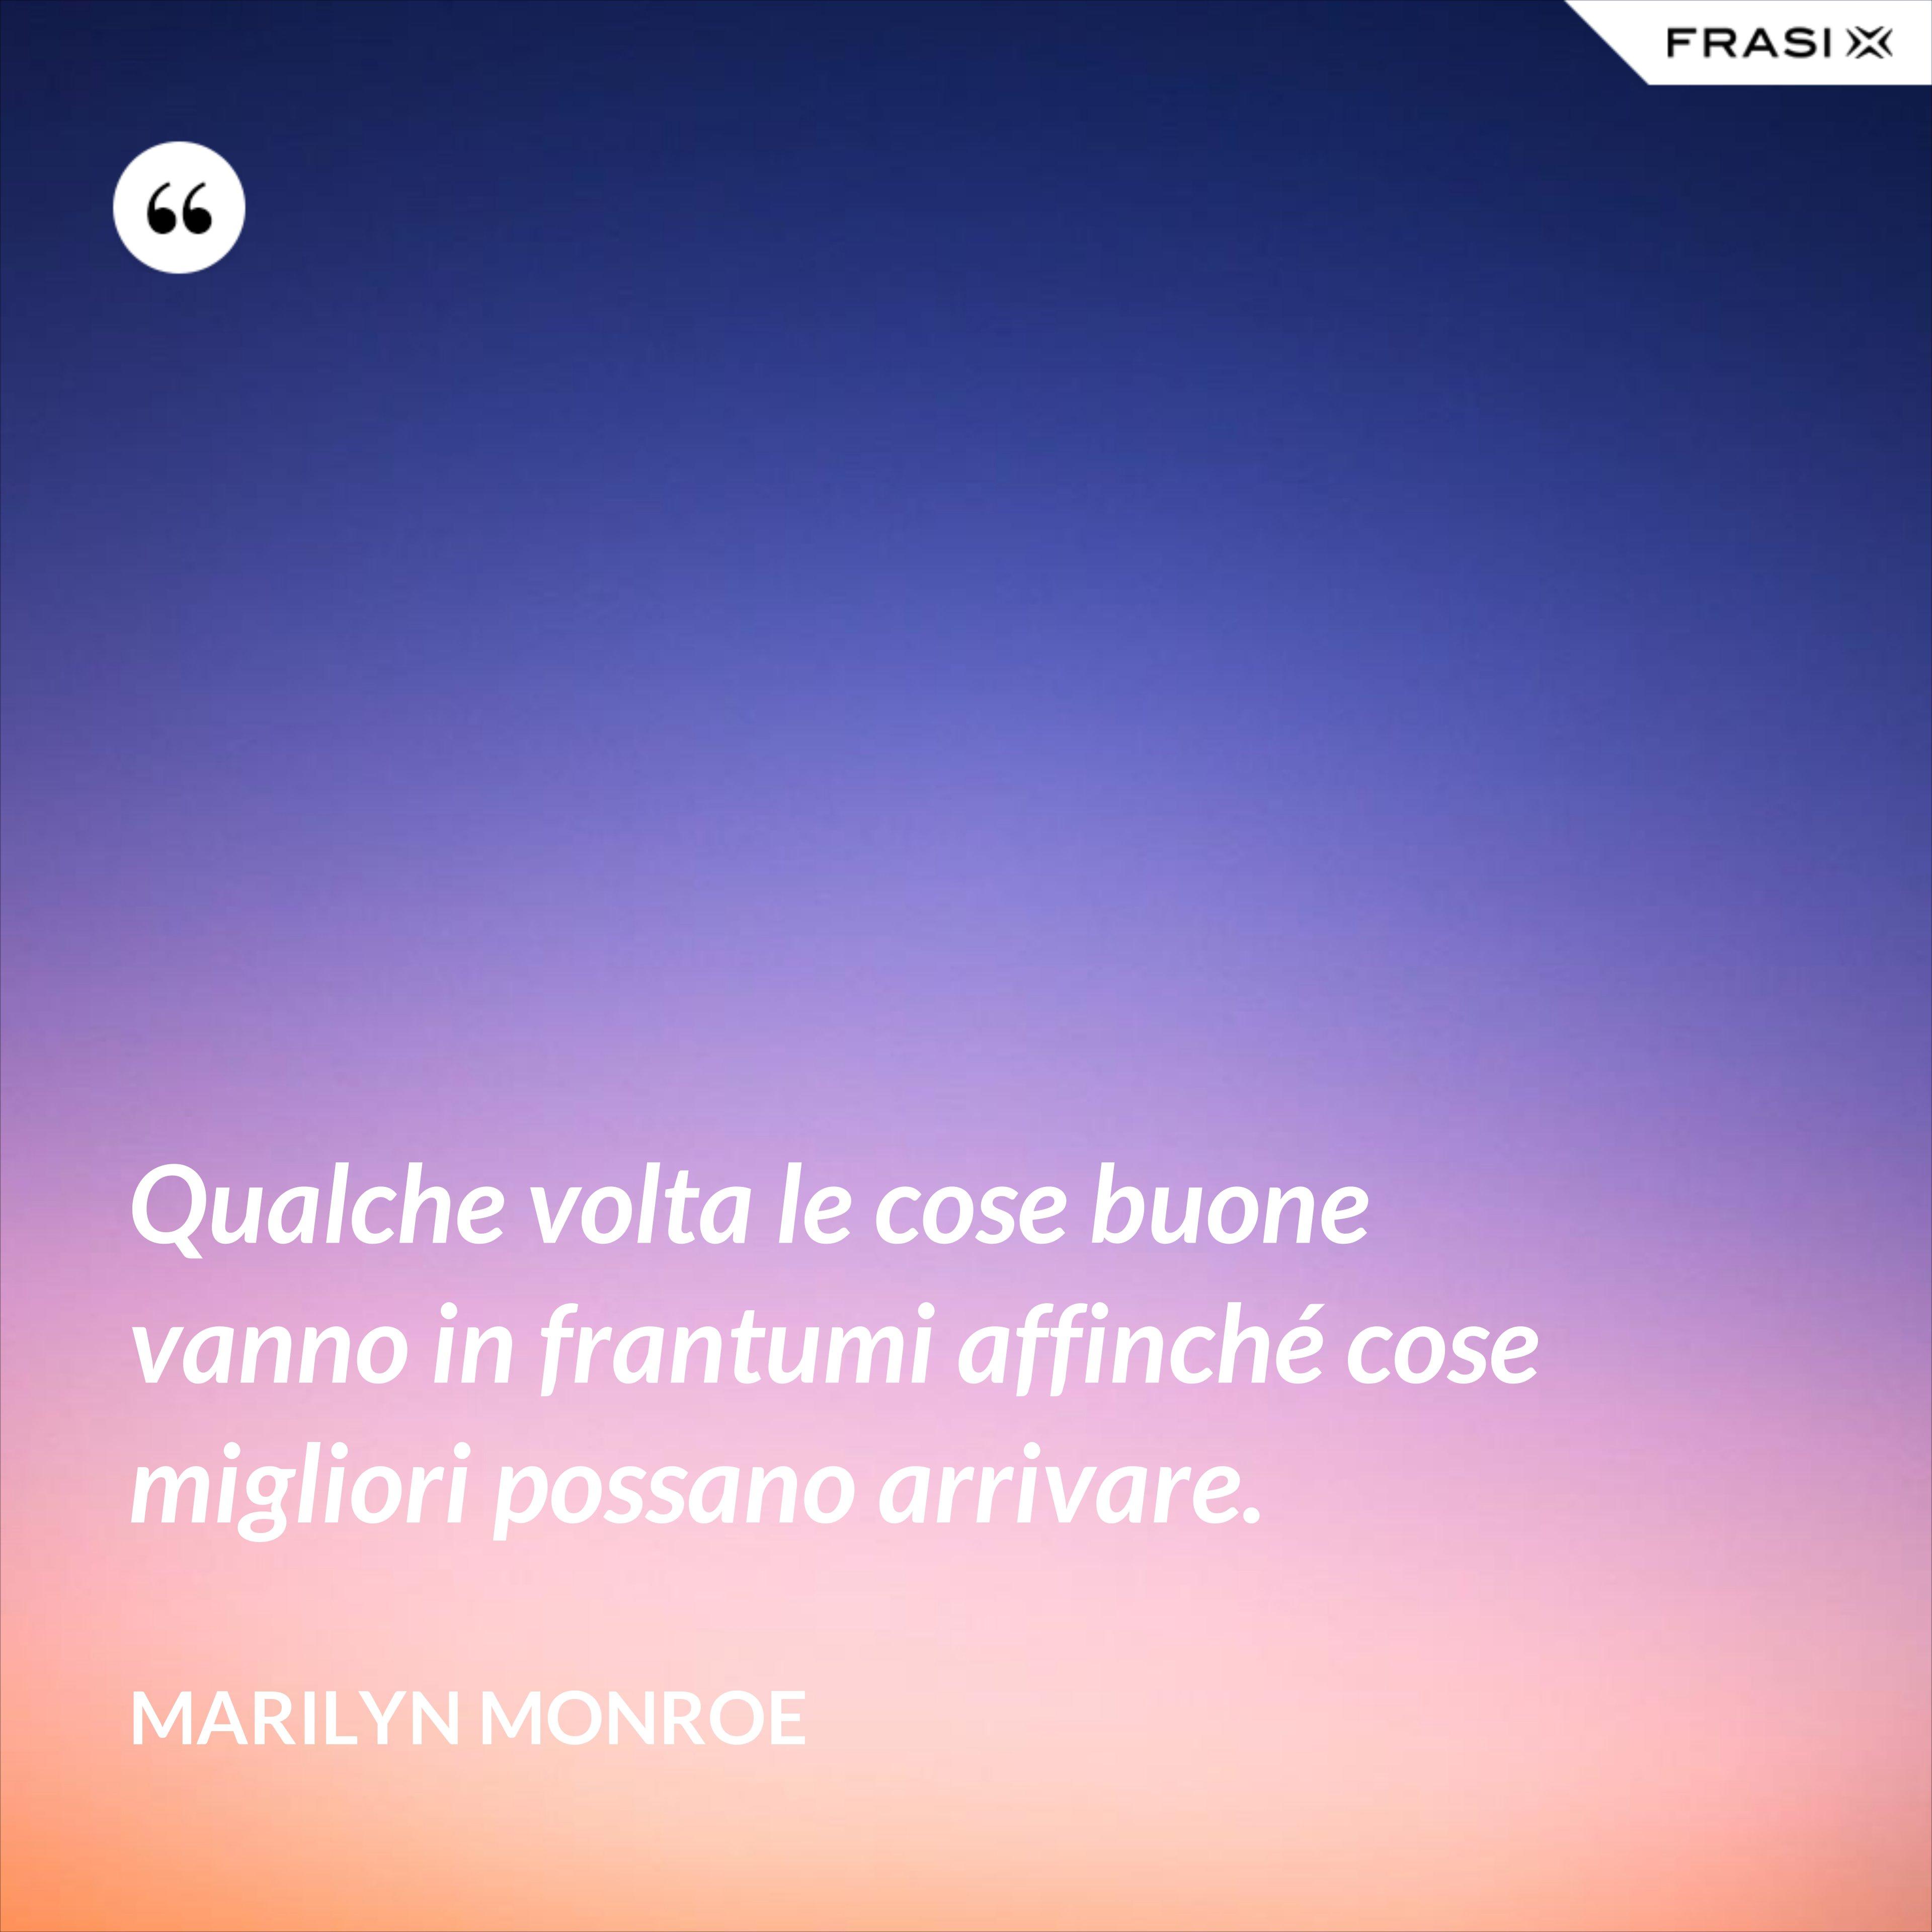 Qualche volta le cose buone vanno in frantumi affinché cose migliori possano arrivare. - Marilyn Monroe